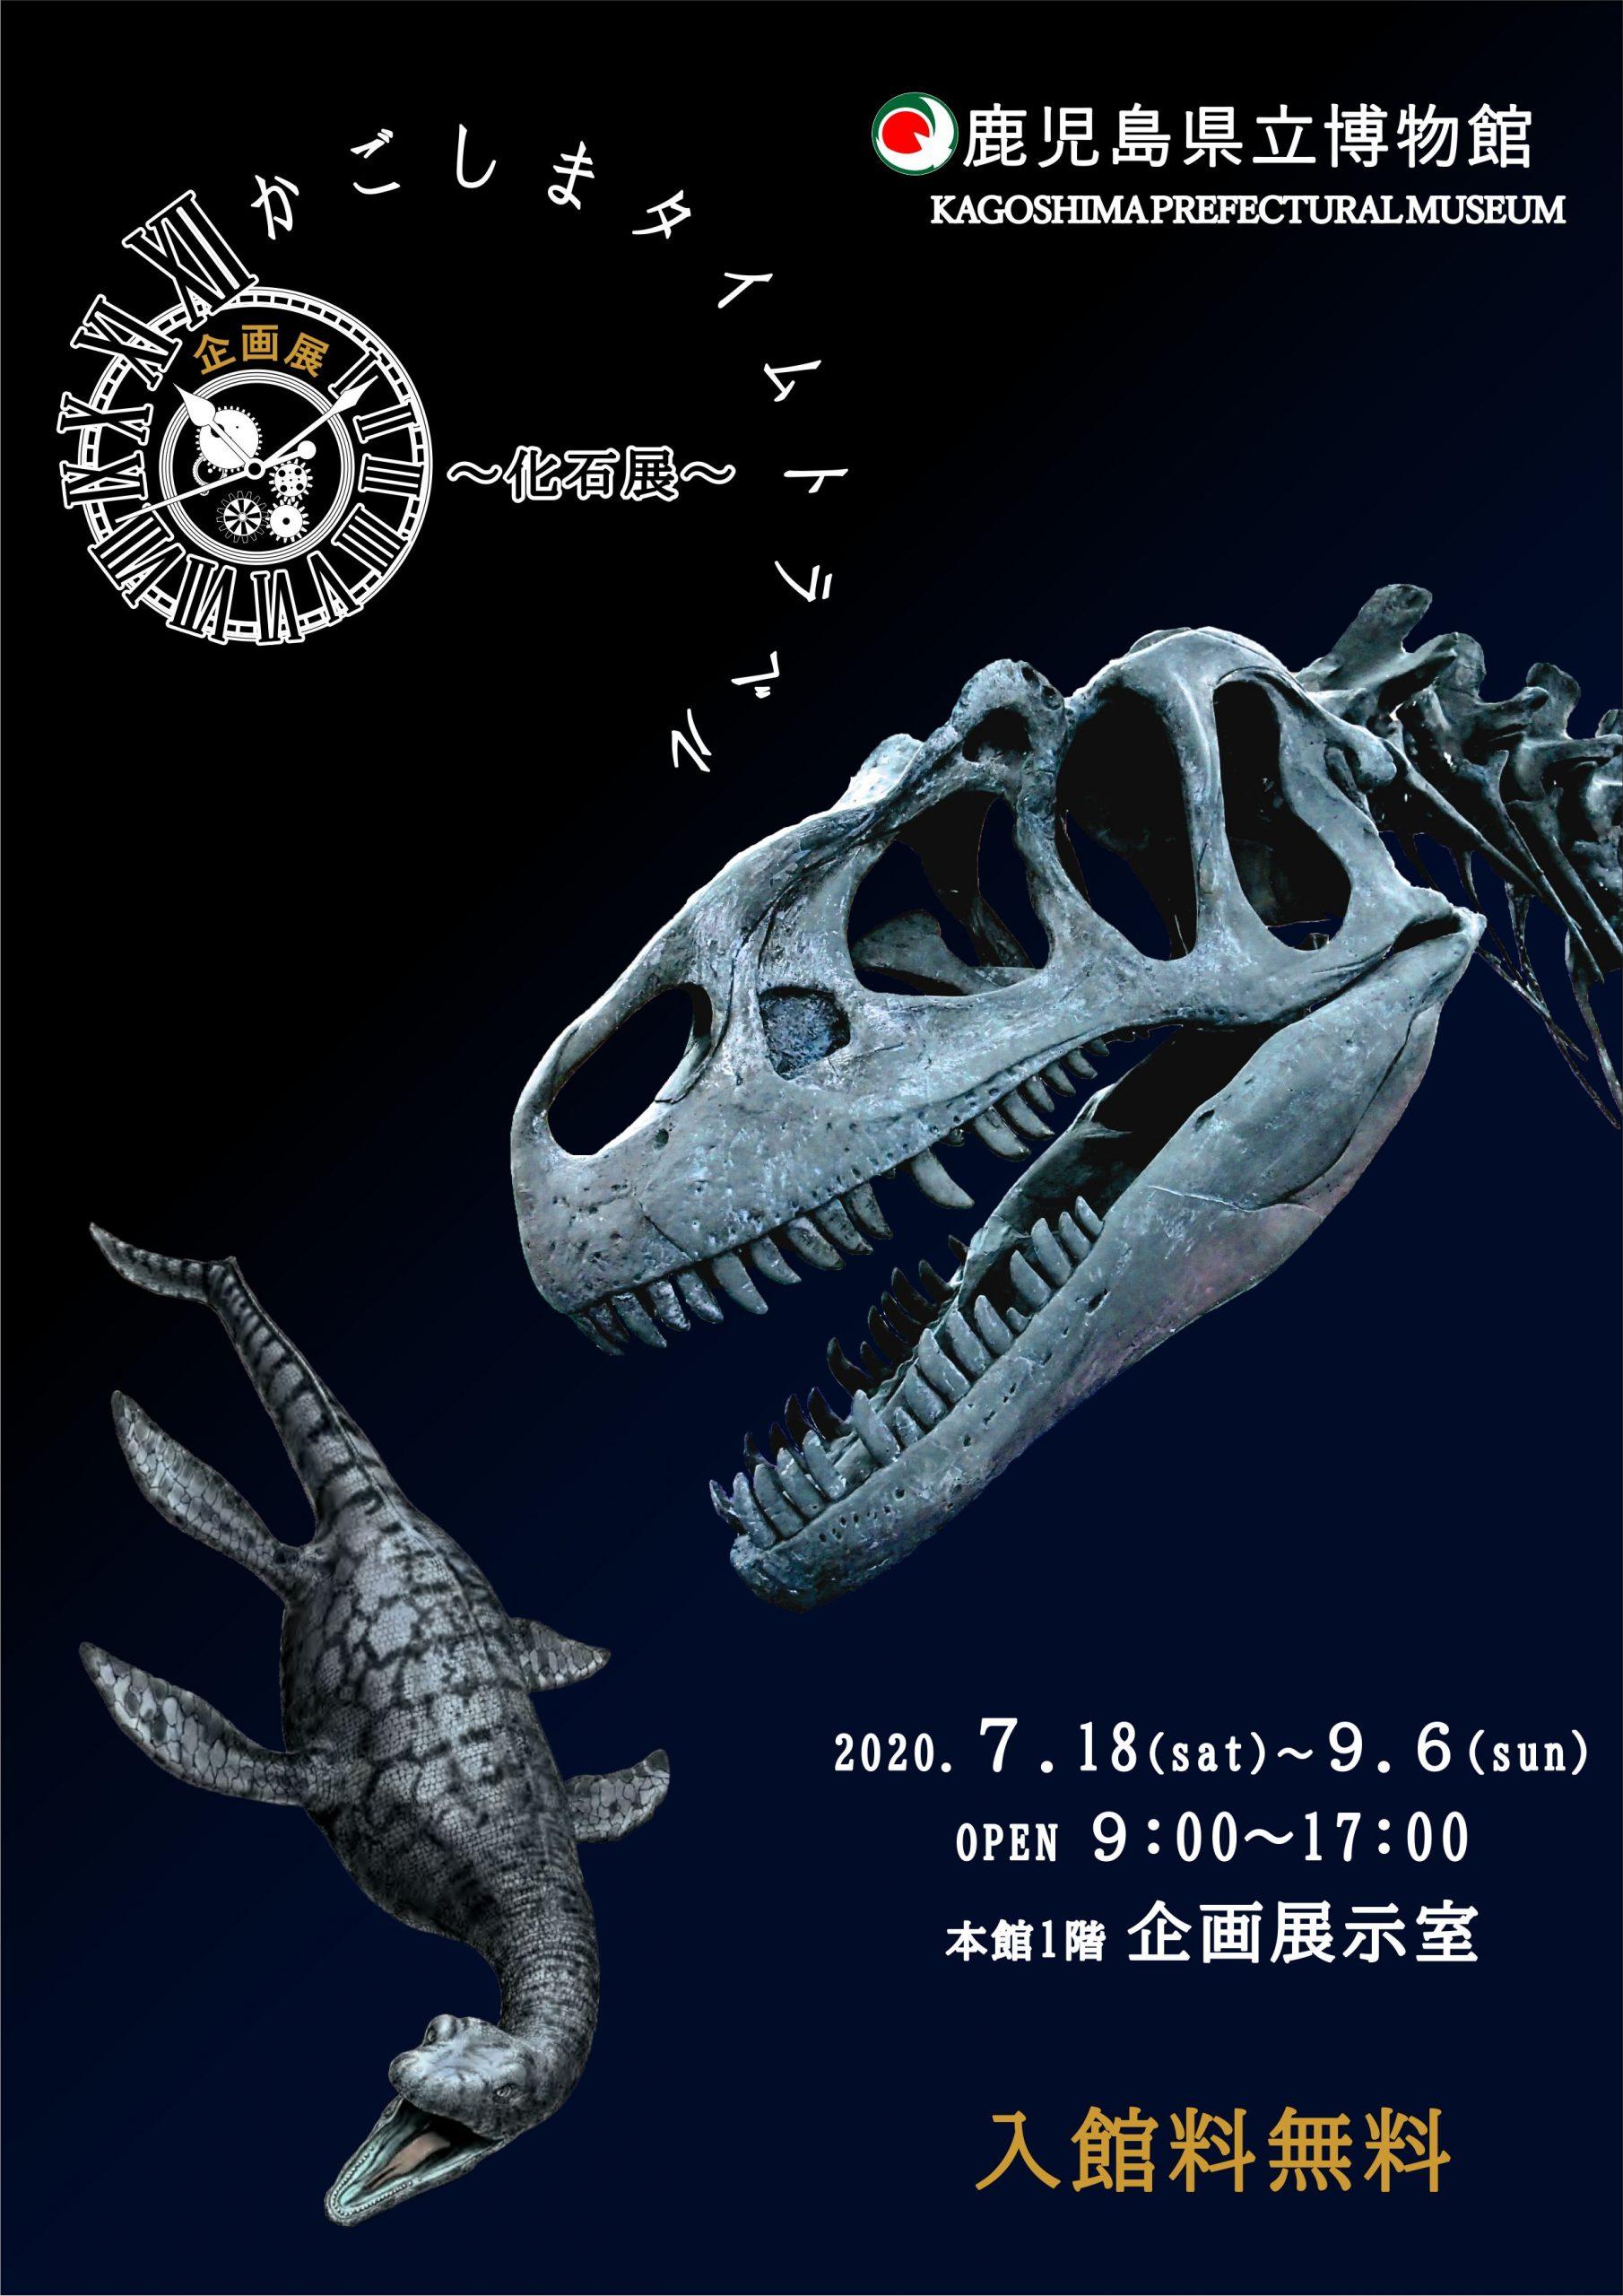 夏休みに行くべき場所!鹿児島博物館で企画展「かごしまタイムトラベル~化石展~」令和2年7月18日(土曜日)~9月6日(日曜日)を見て、獅子島に行くのはどうですか? イメージ画像